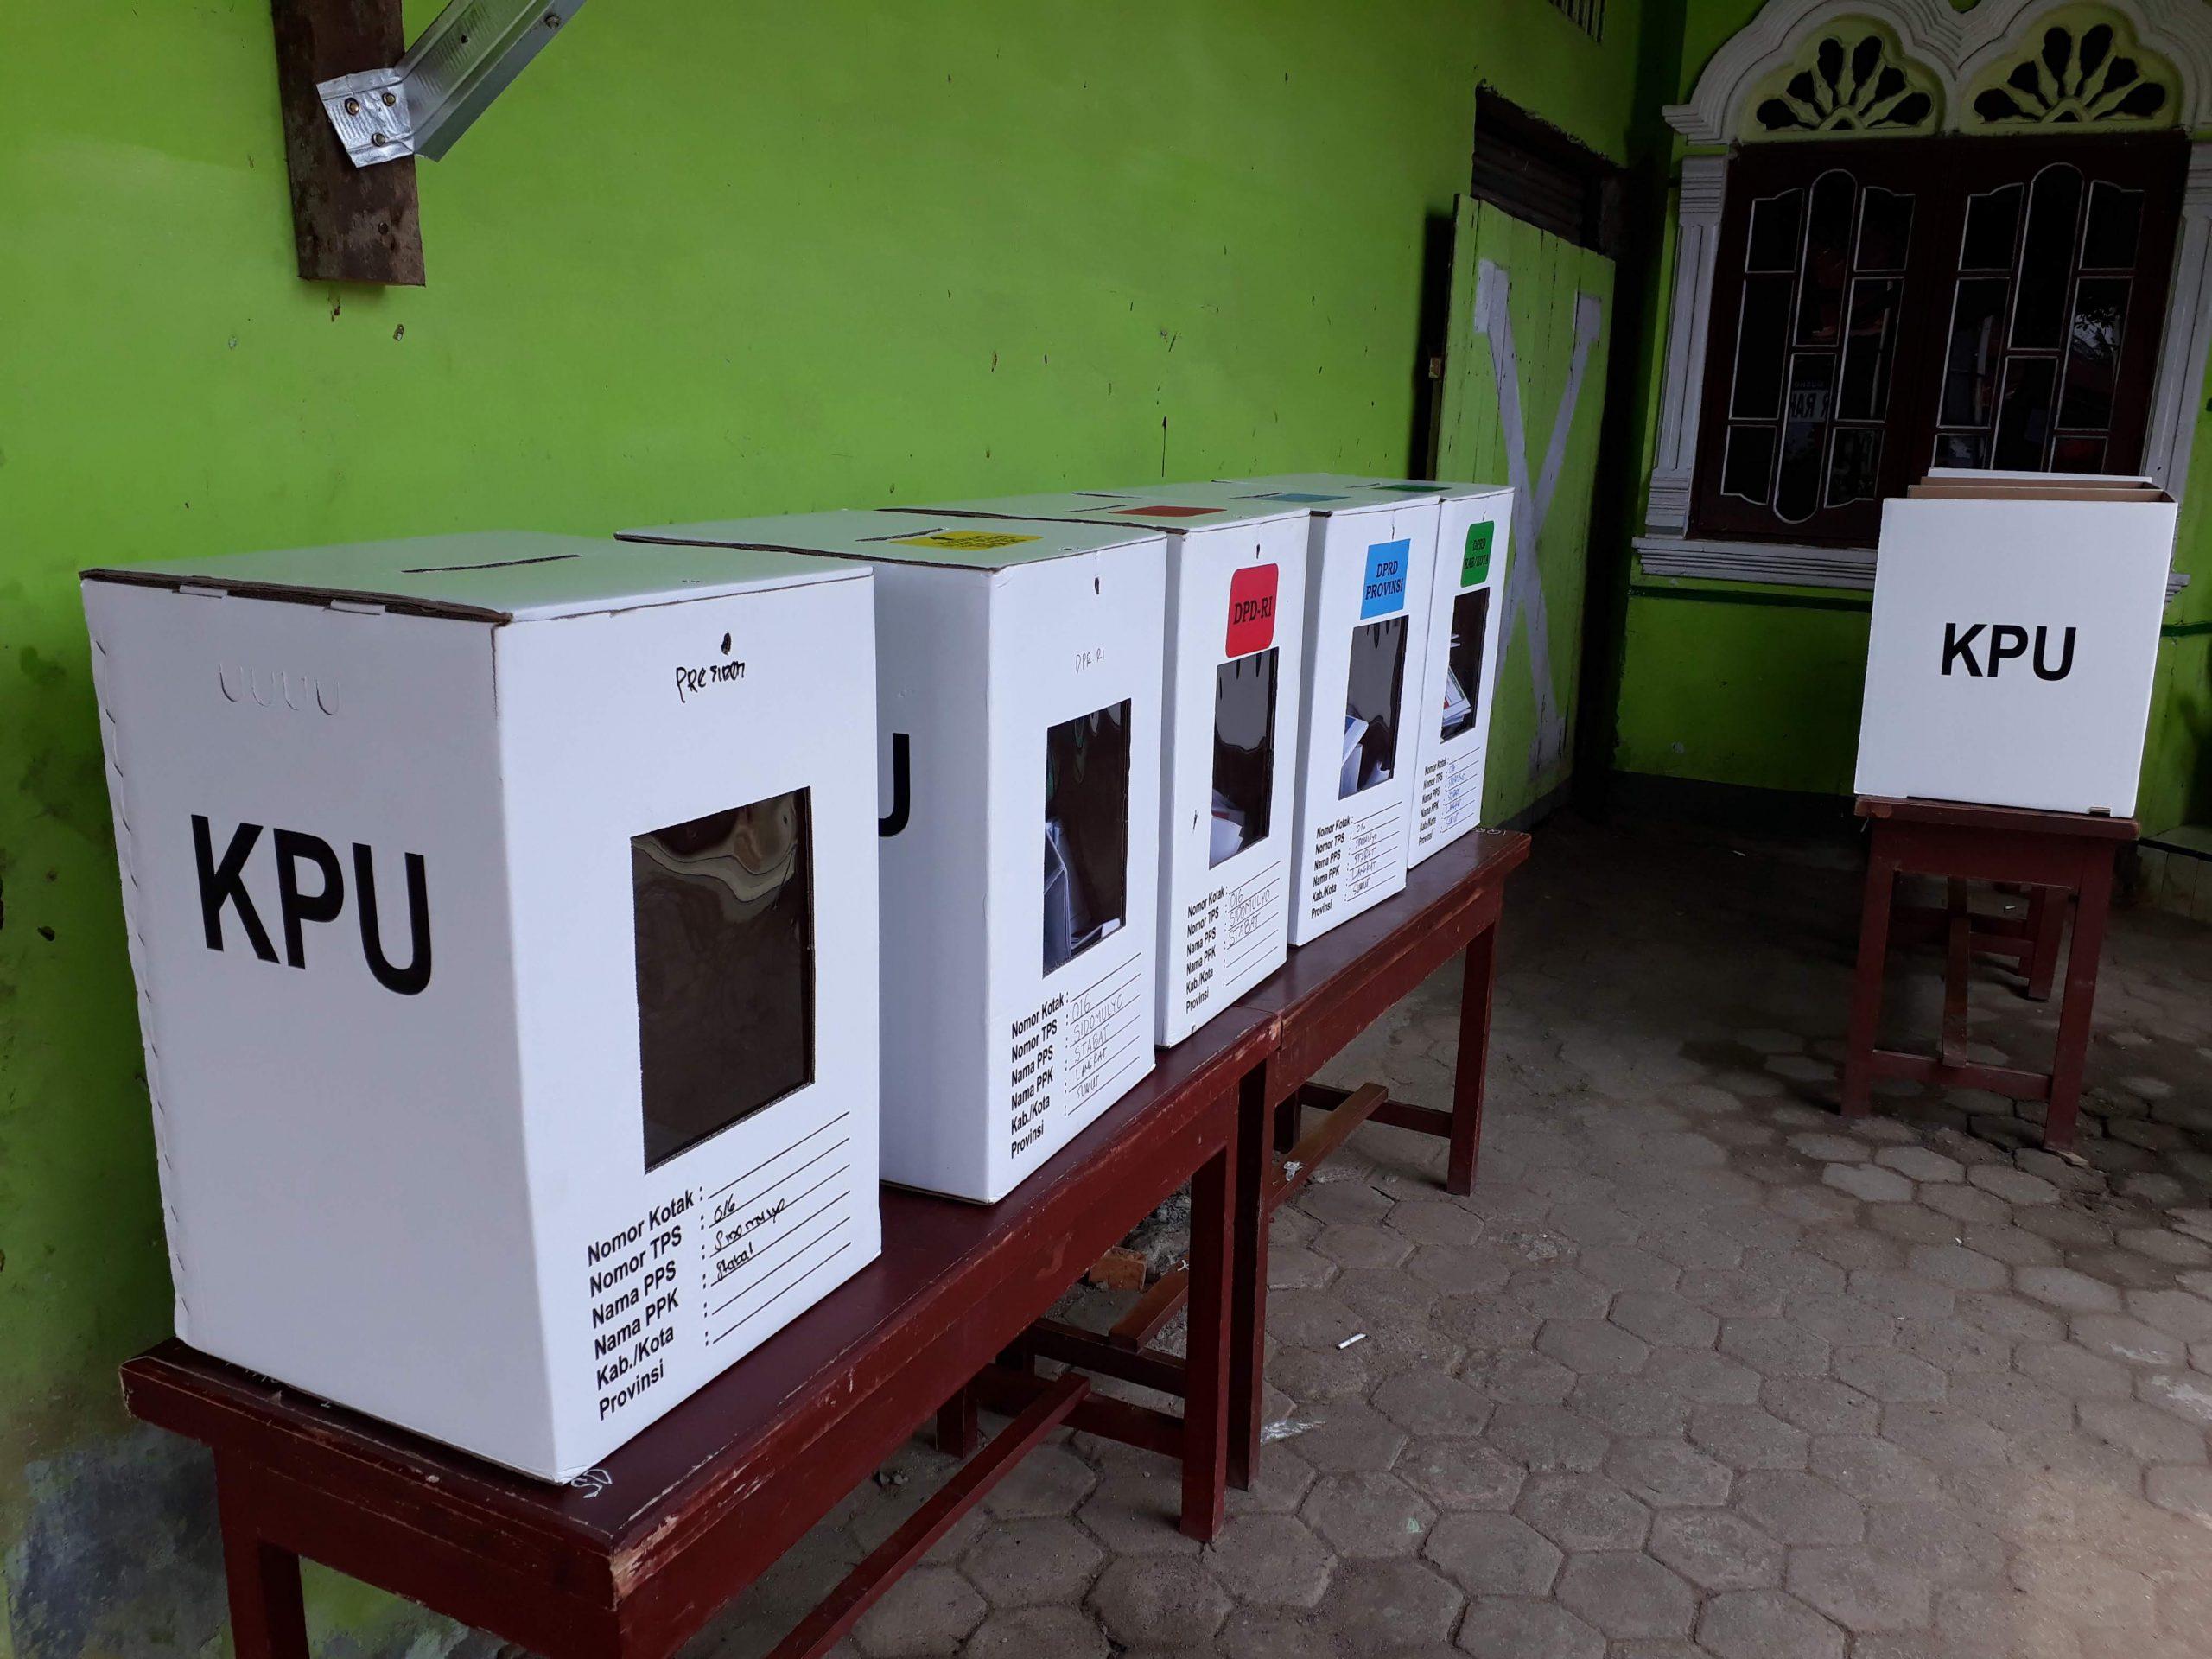 Kotak suara yang digunakan untuk pemilu di Indonesia